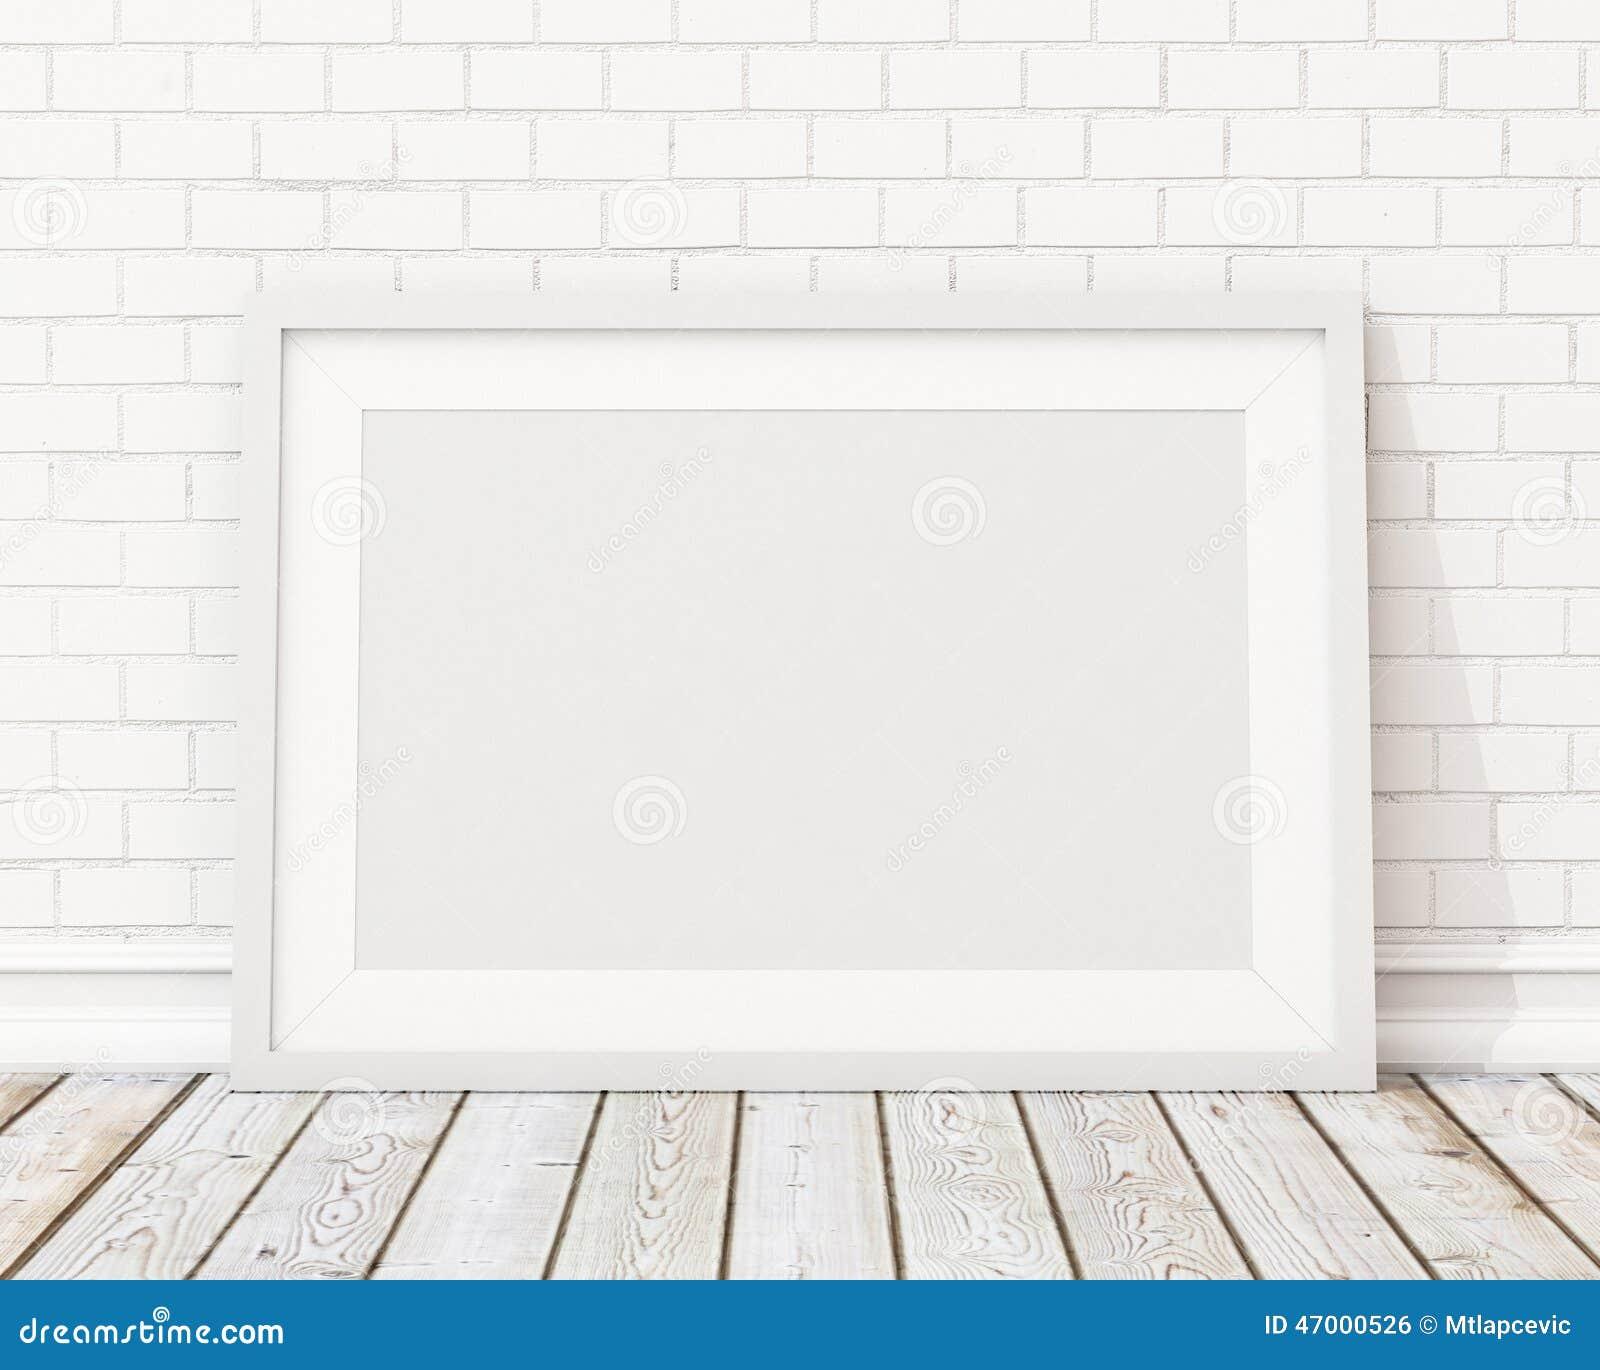 raillez vers le haut du cadre de tableau horizontal blanc vide sur le mur de briques blanc et le. Black Bedroom Furniture Sets. Home Design Ideas